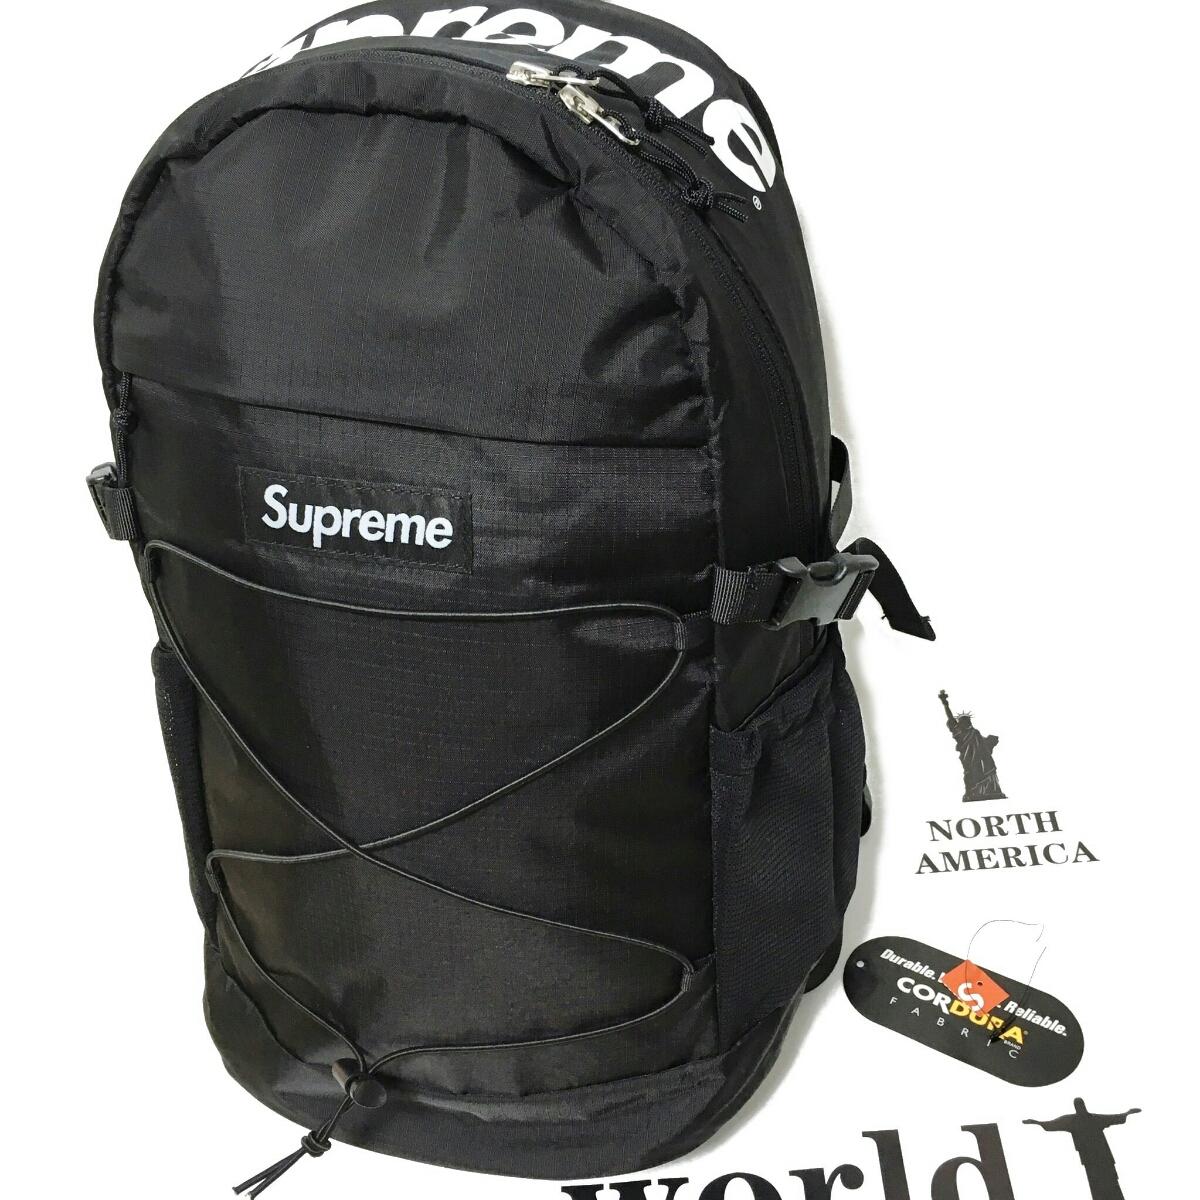 新品同様 supreme 16ss bacpack シュプリーム バックパック 黒